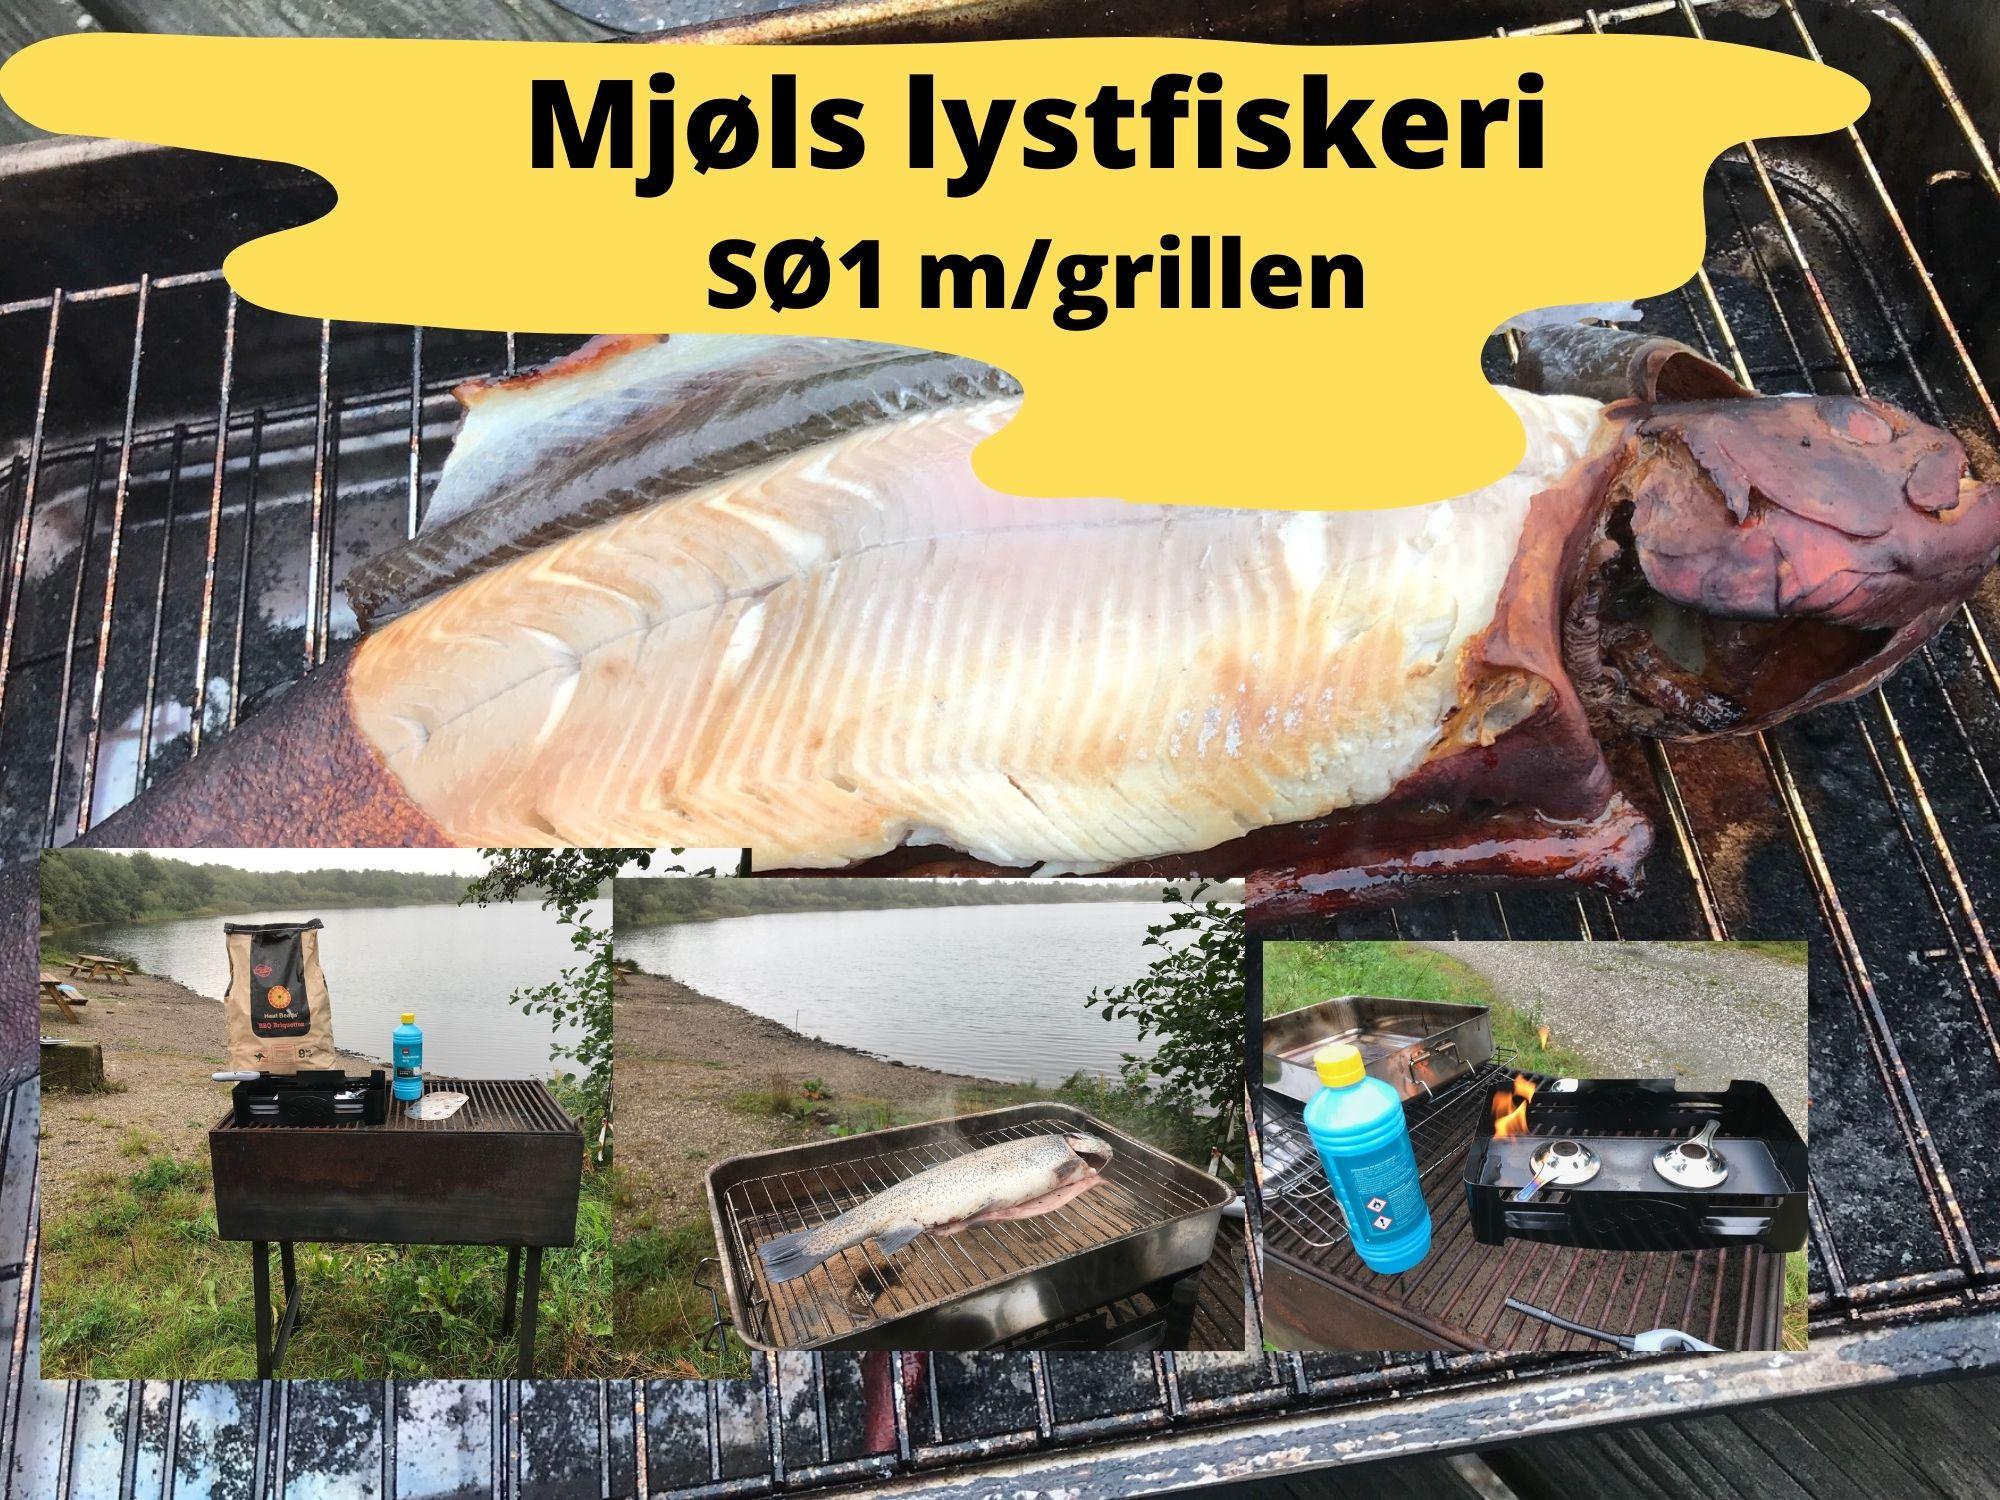 SE VIDEO – Mjøls Lystfiskeri – SØ1 lørdag morgen med rygeovn og Trutta